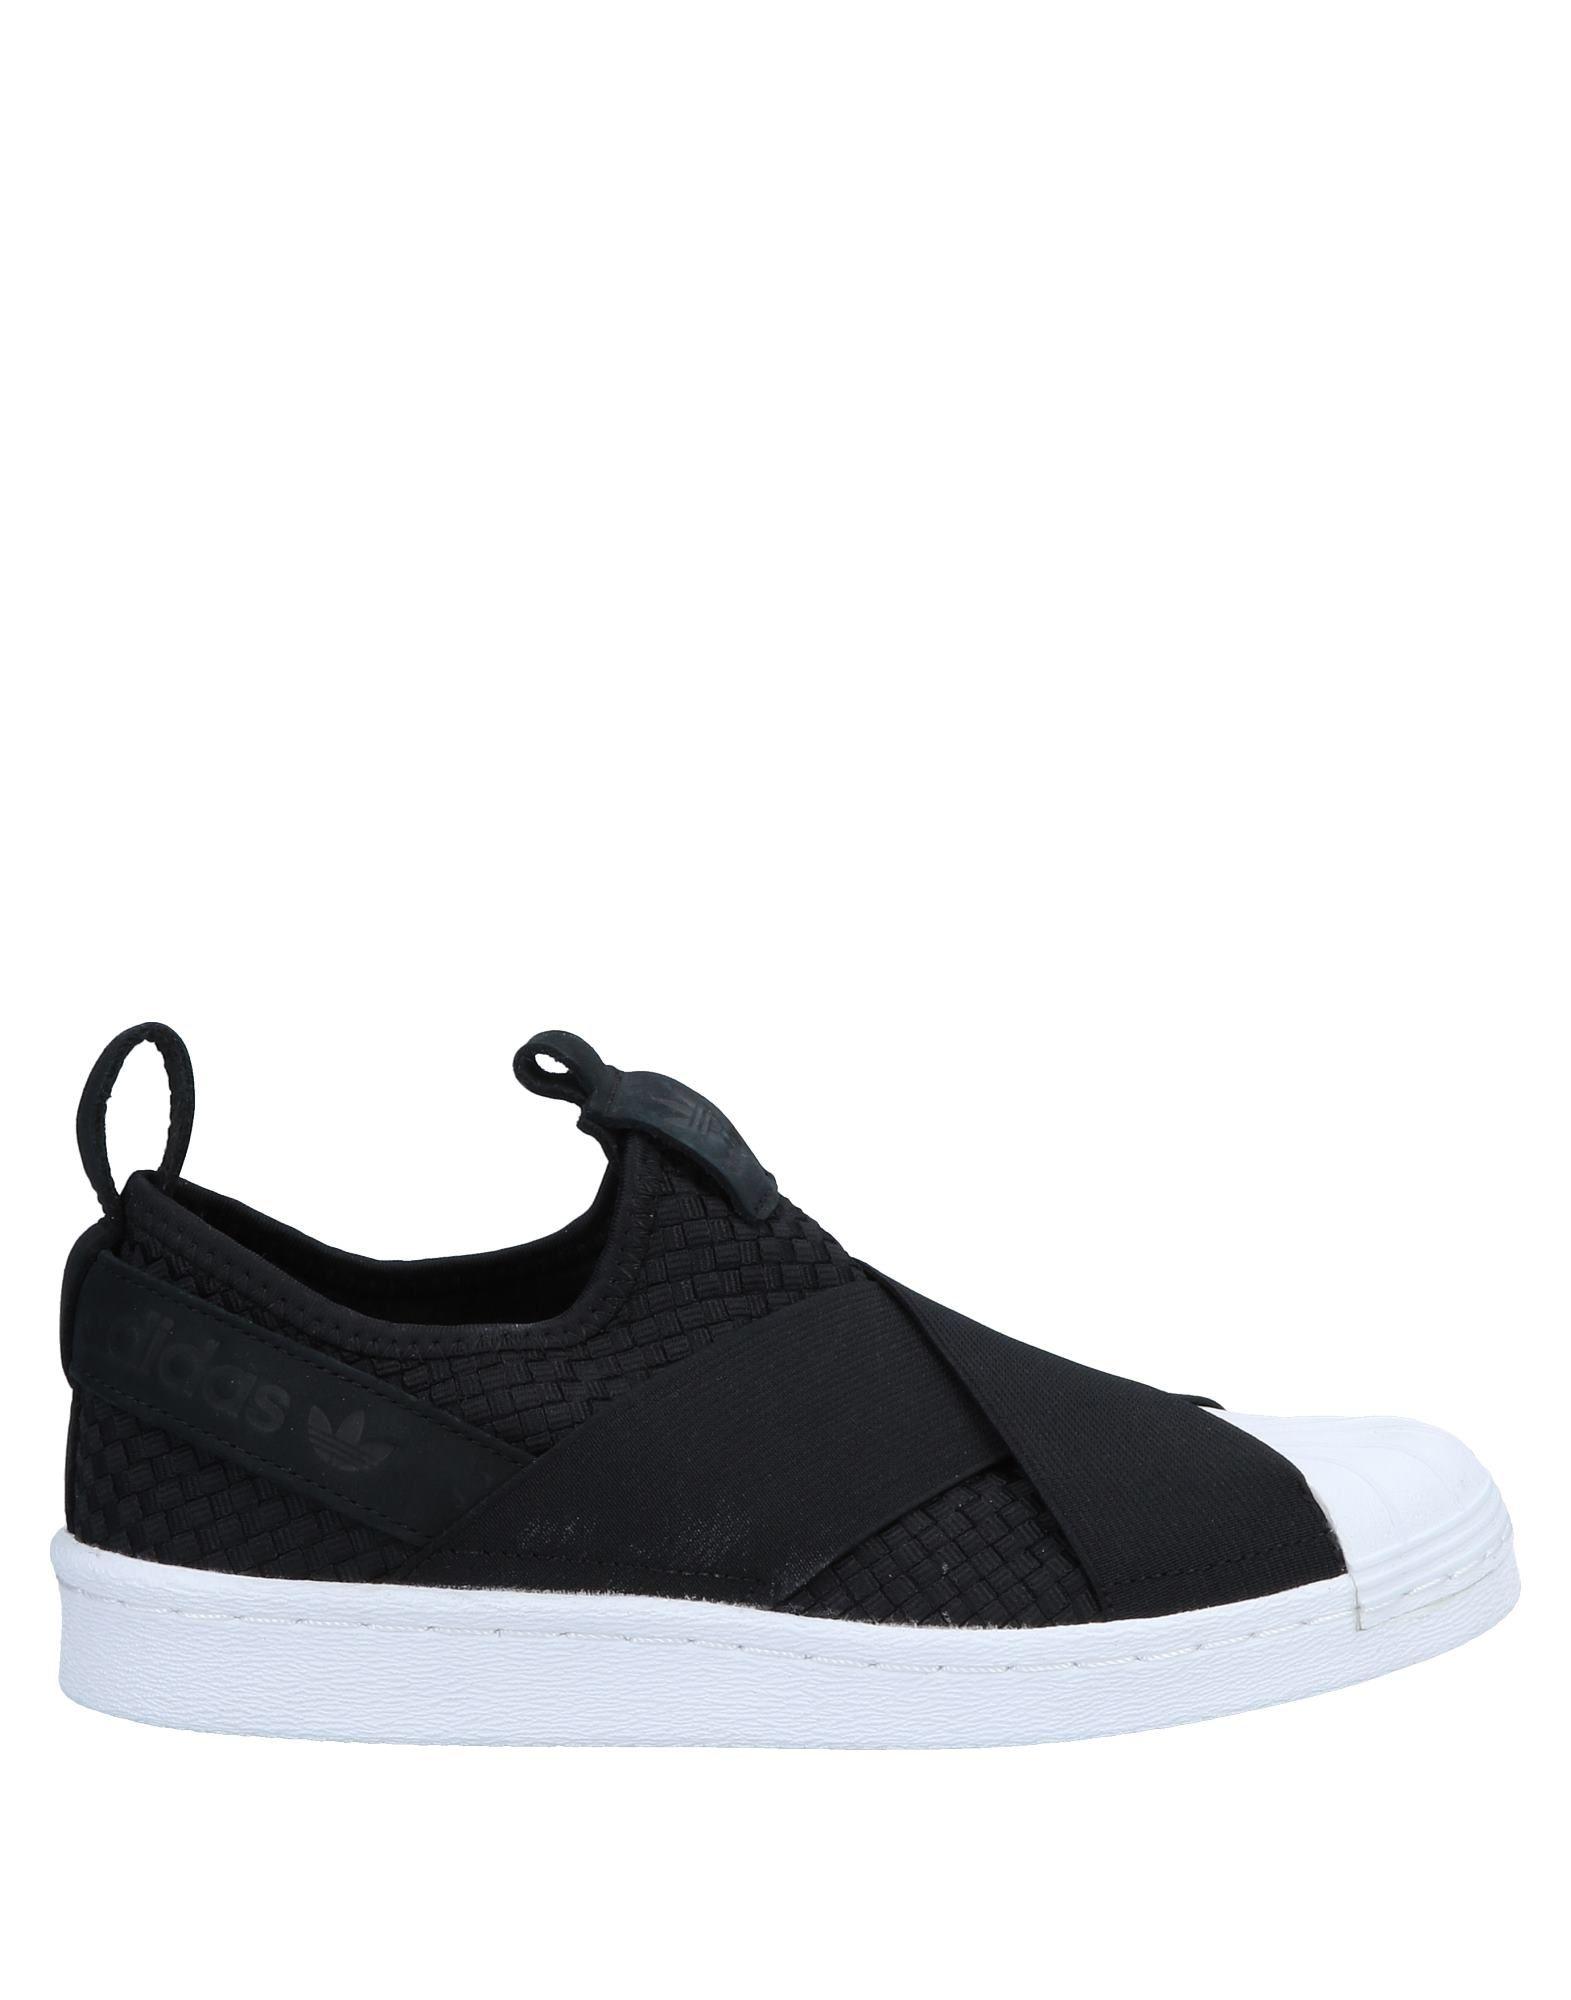 Adidas Originals Sneakers Herren Gutes Preis-Leistungs-Verhältnis, es lohnt sich